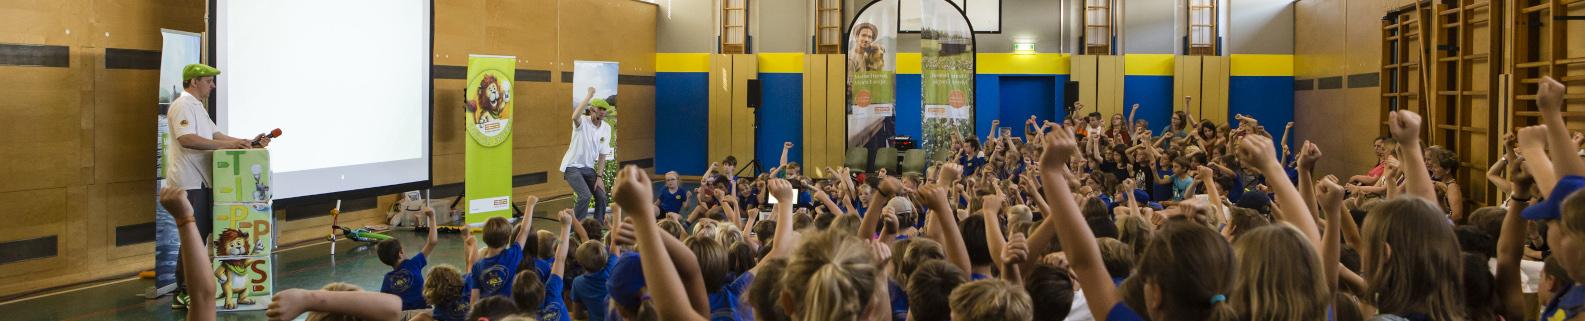 Schulklasse beim Energieunterricht